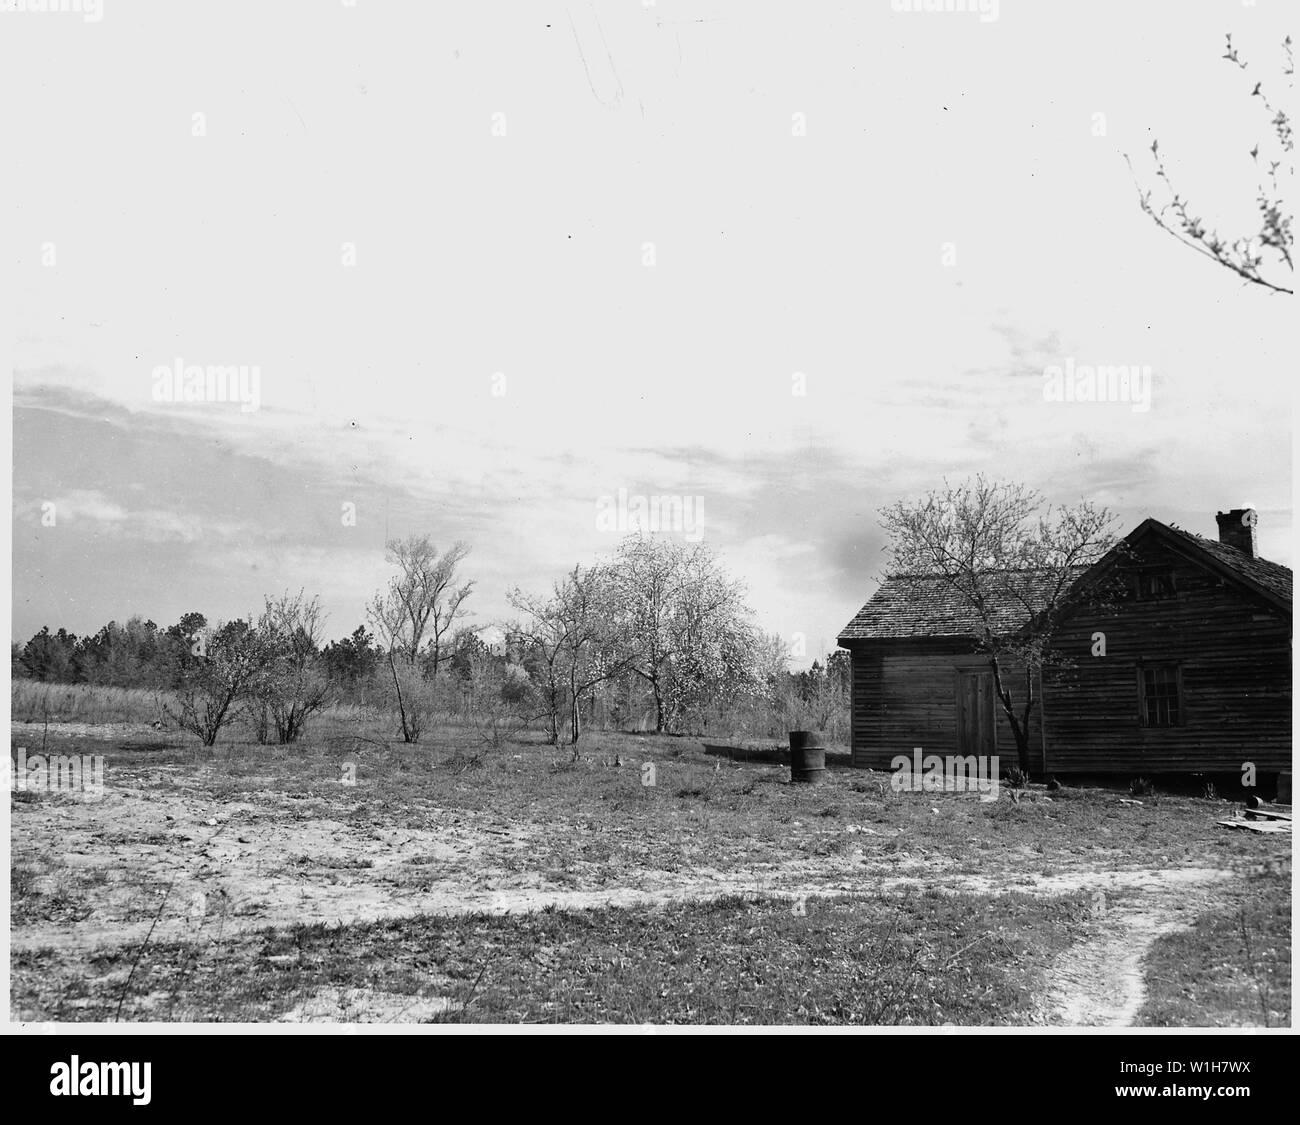 Newberry County, South Carolina  A temporary farm, bare and